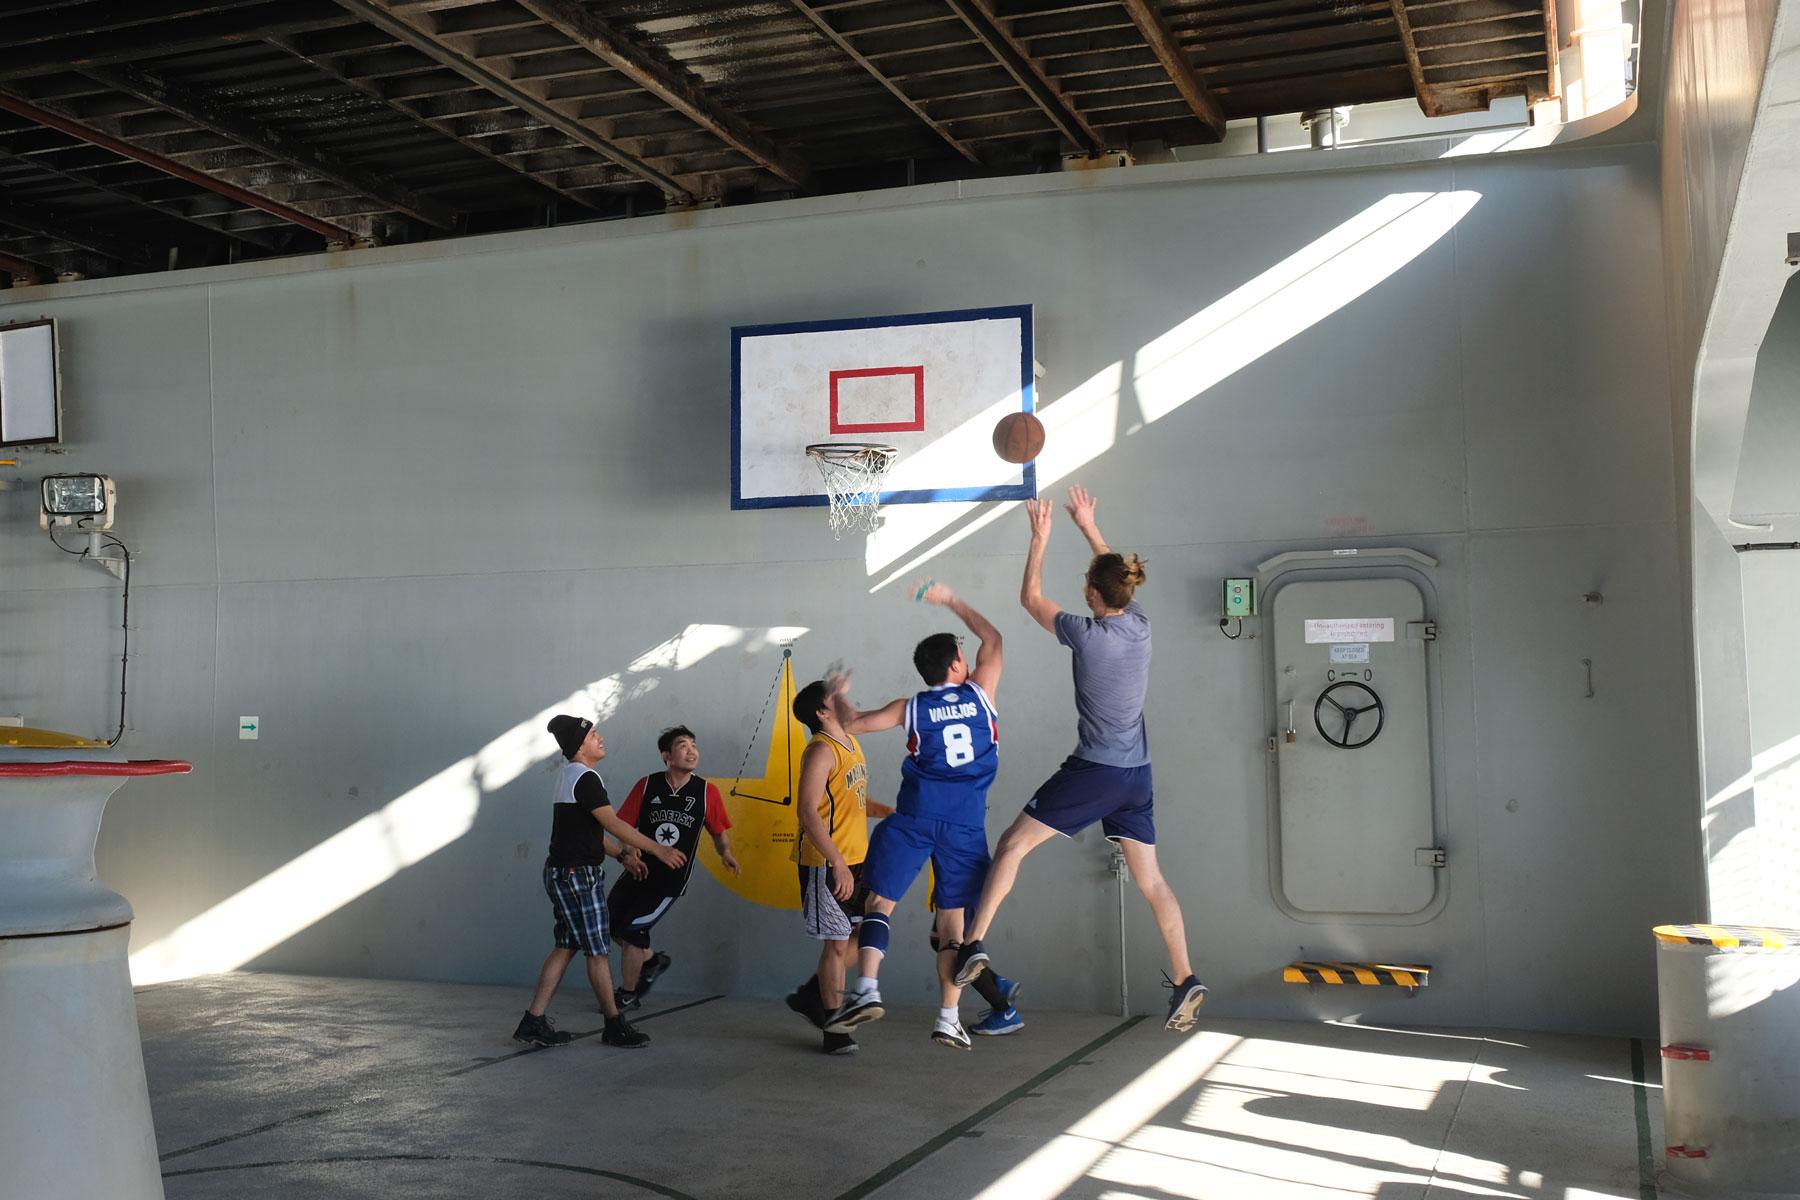 Sebastian spielt mit der Crew Basketball auf einem Frachtschiff.